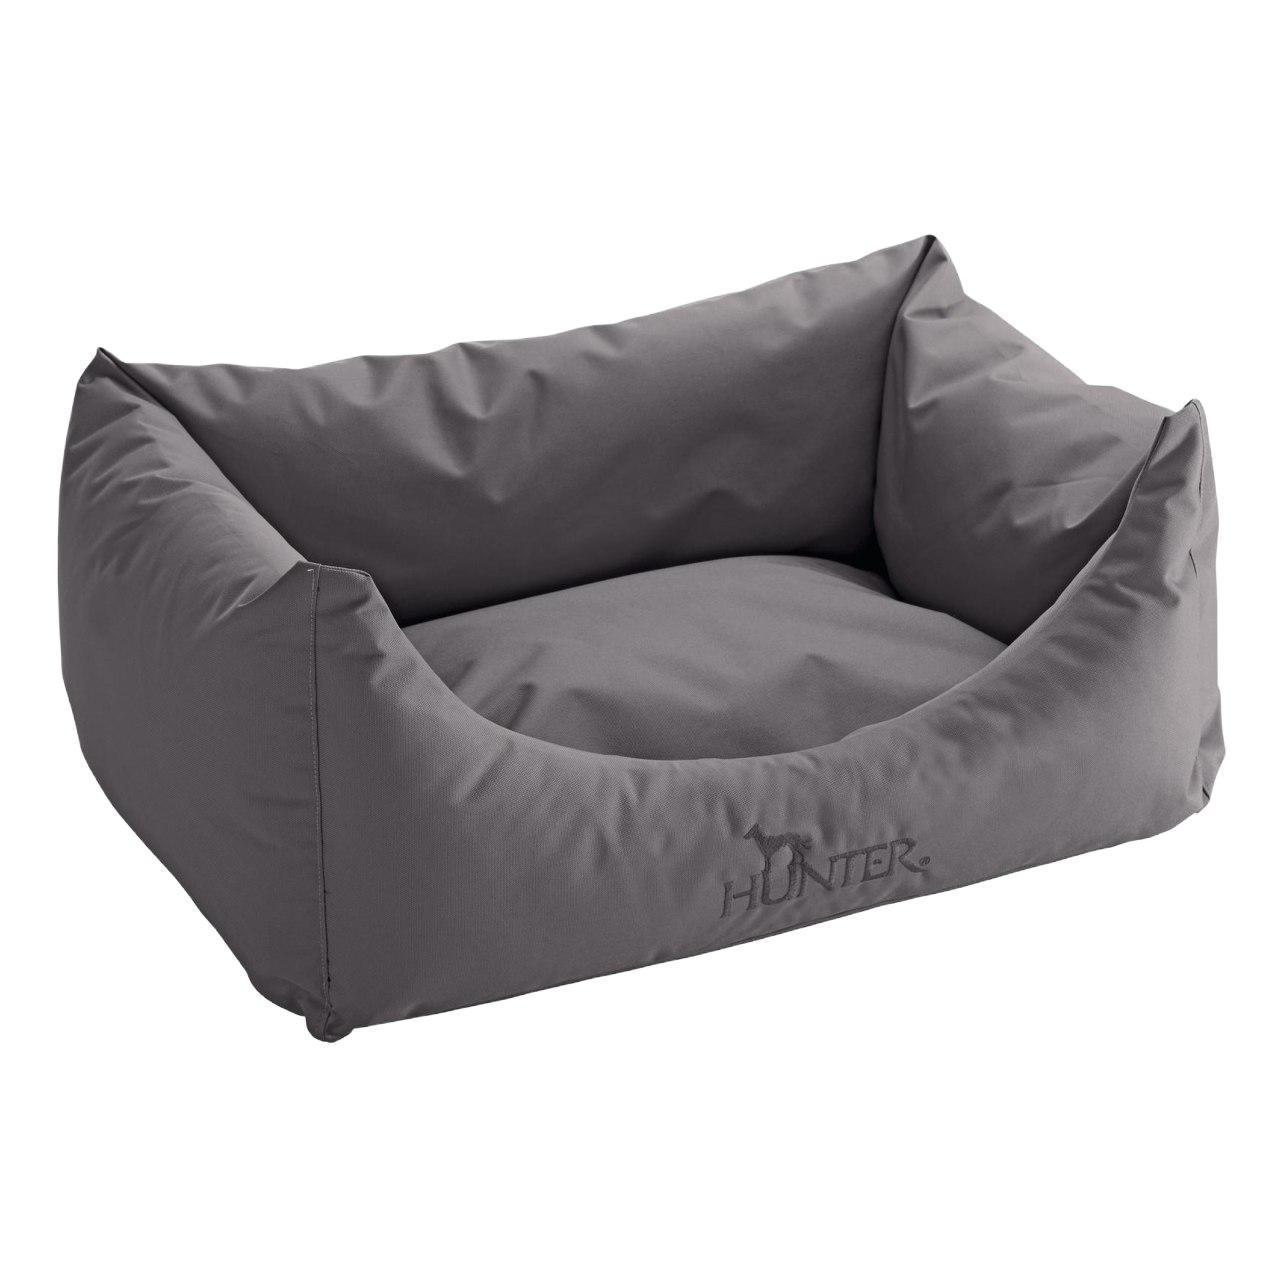 An image of Hunter Dog Sofa Antibacterial Grey 60x45cm